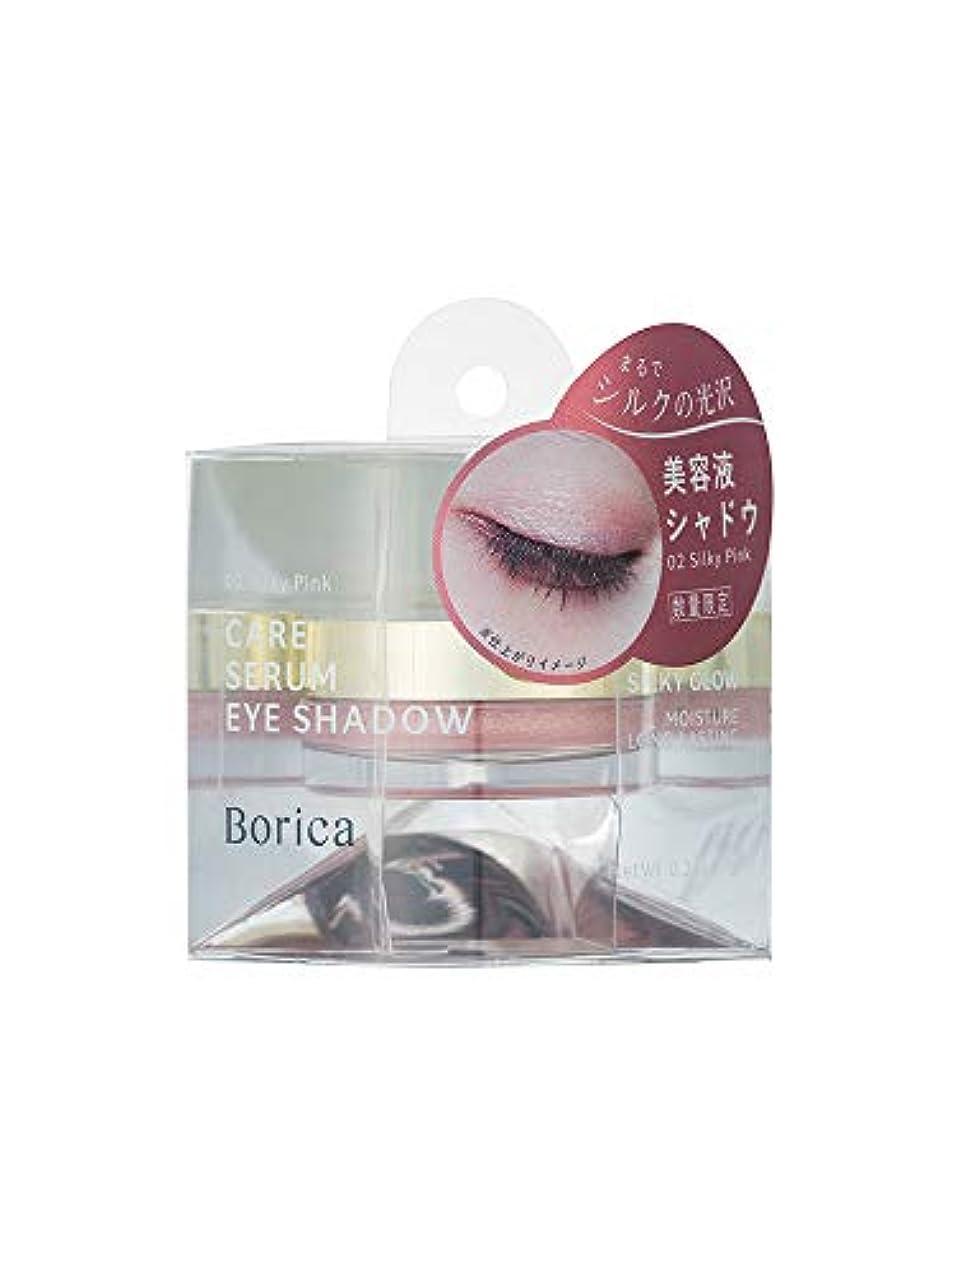 アデレード請求可能何でもBorica 美容液ケアアイシャドウ<シルキーグロウ02(02 Silky Pink)>